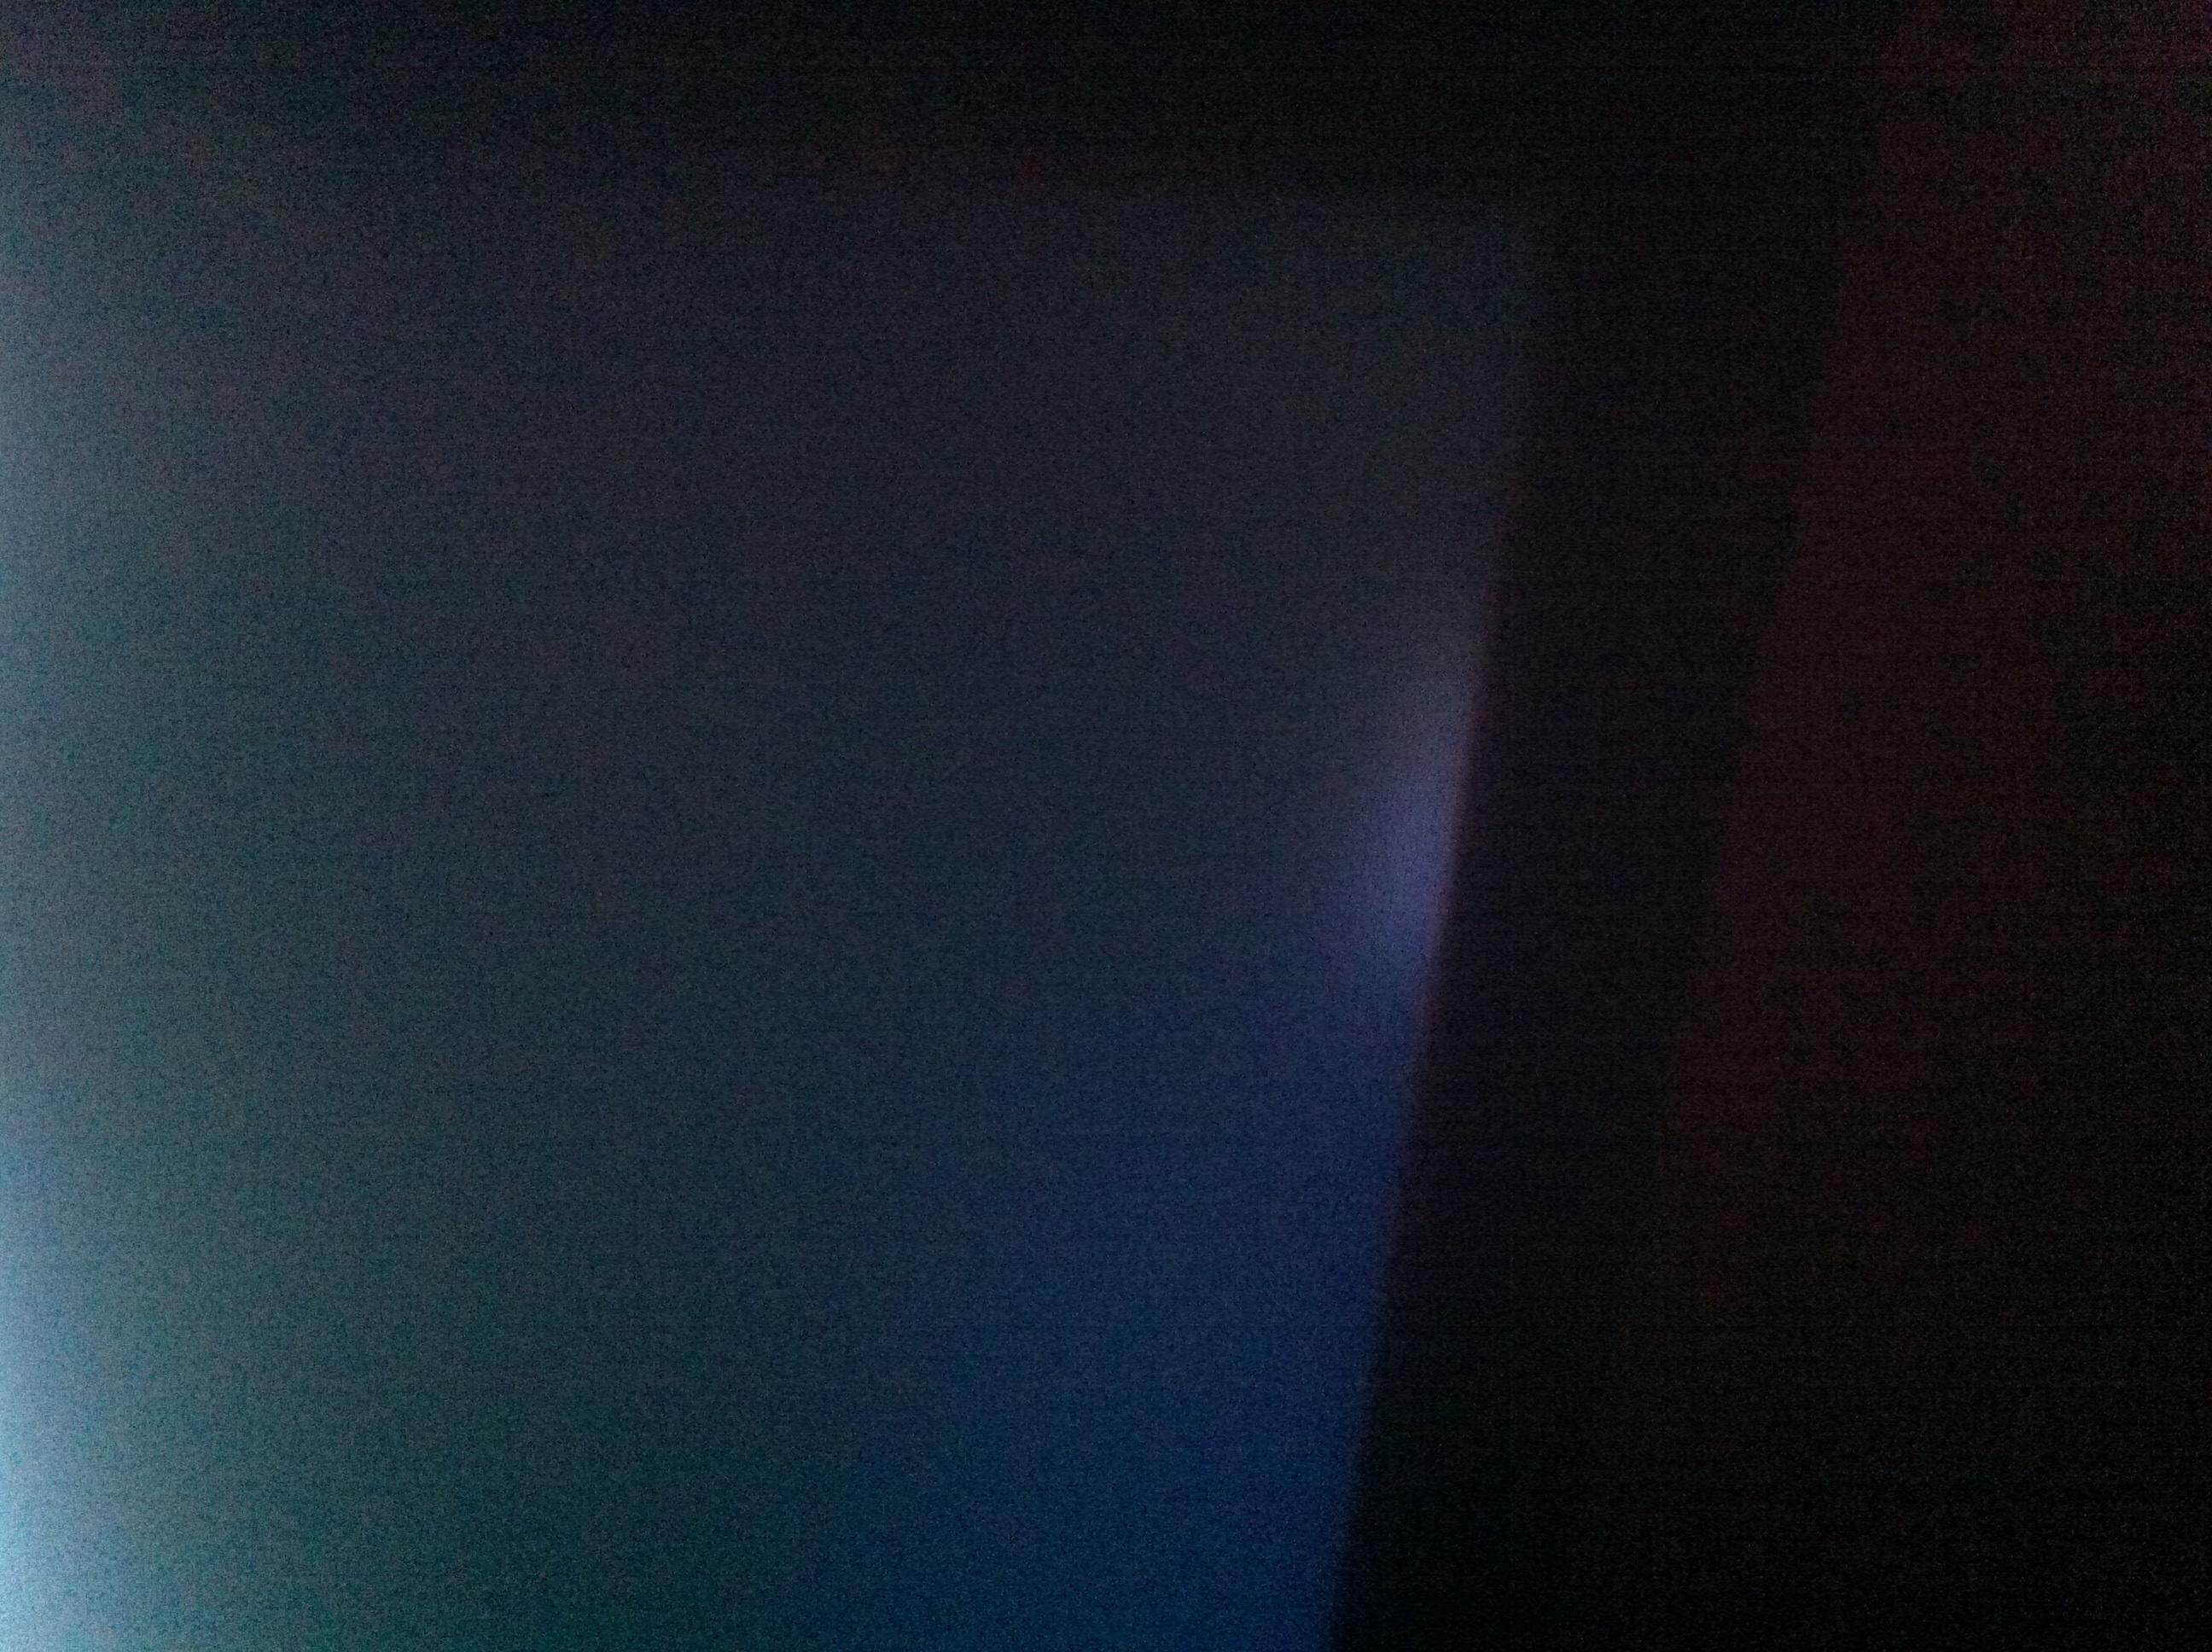 heller fleck auf samsung led tv mit bild was ist kaputt. Black Bedroom Furniture Sets. Home Design Ideas